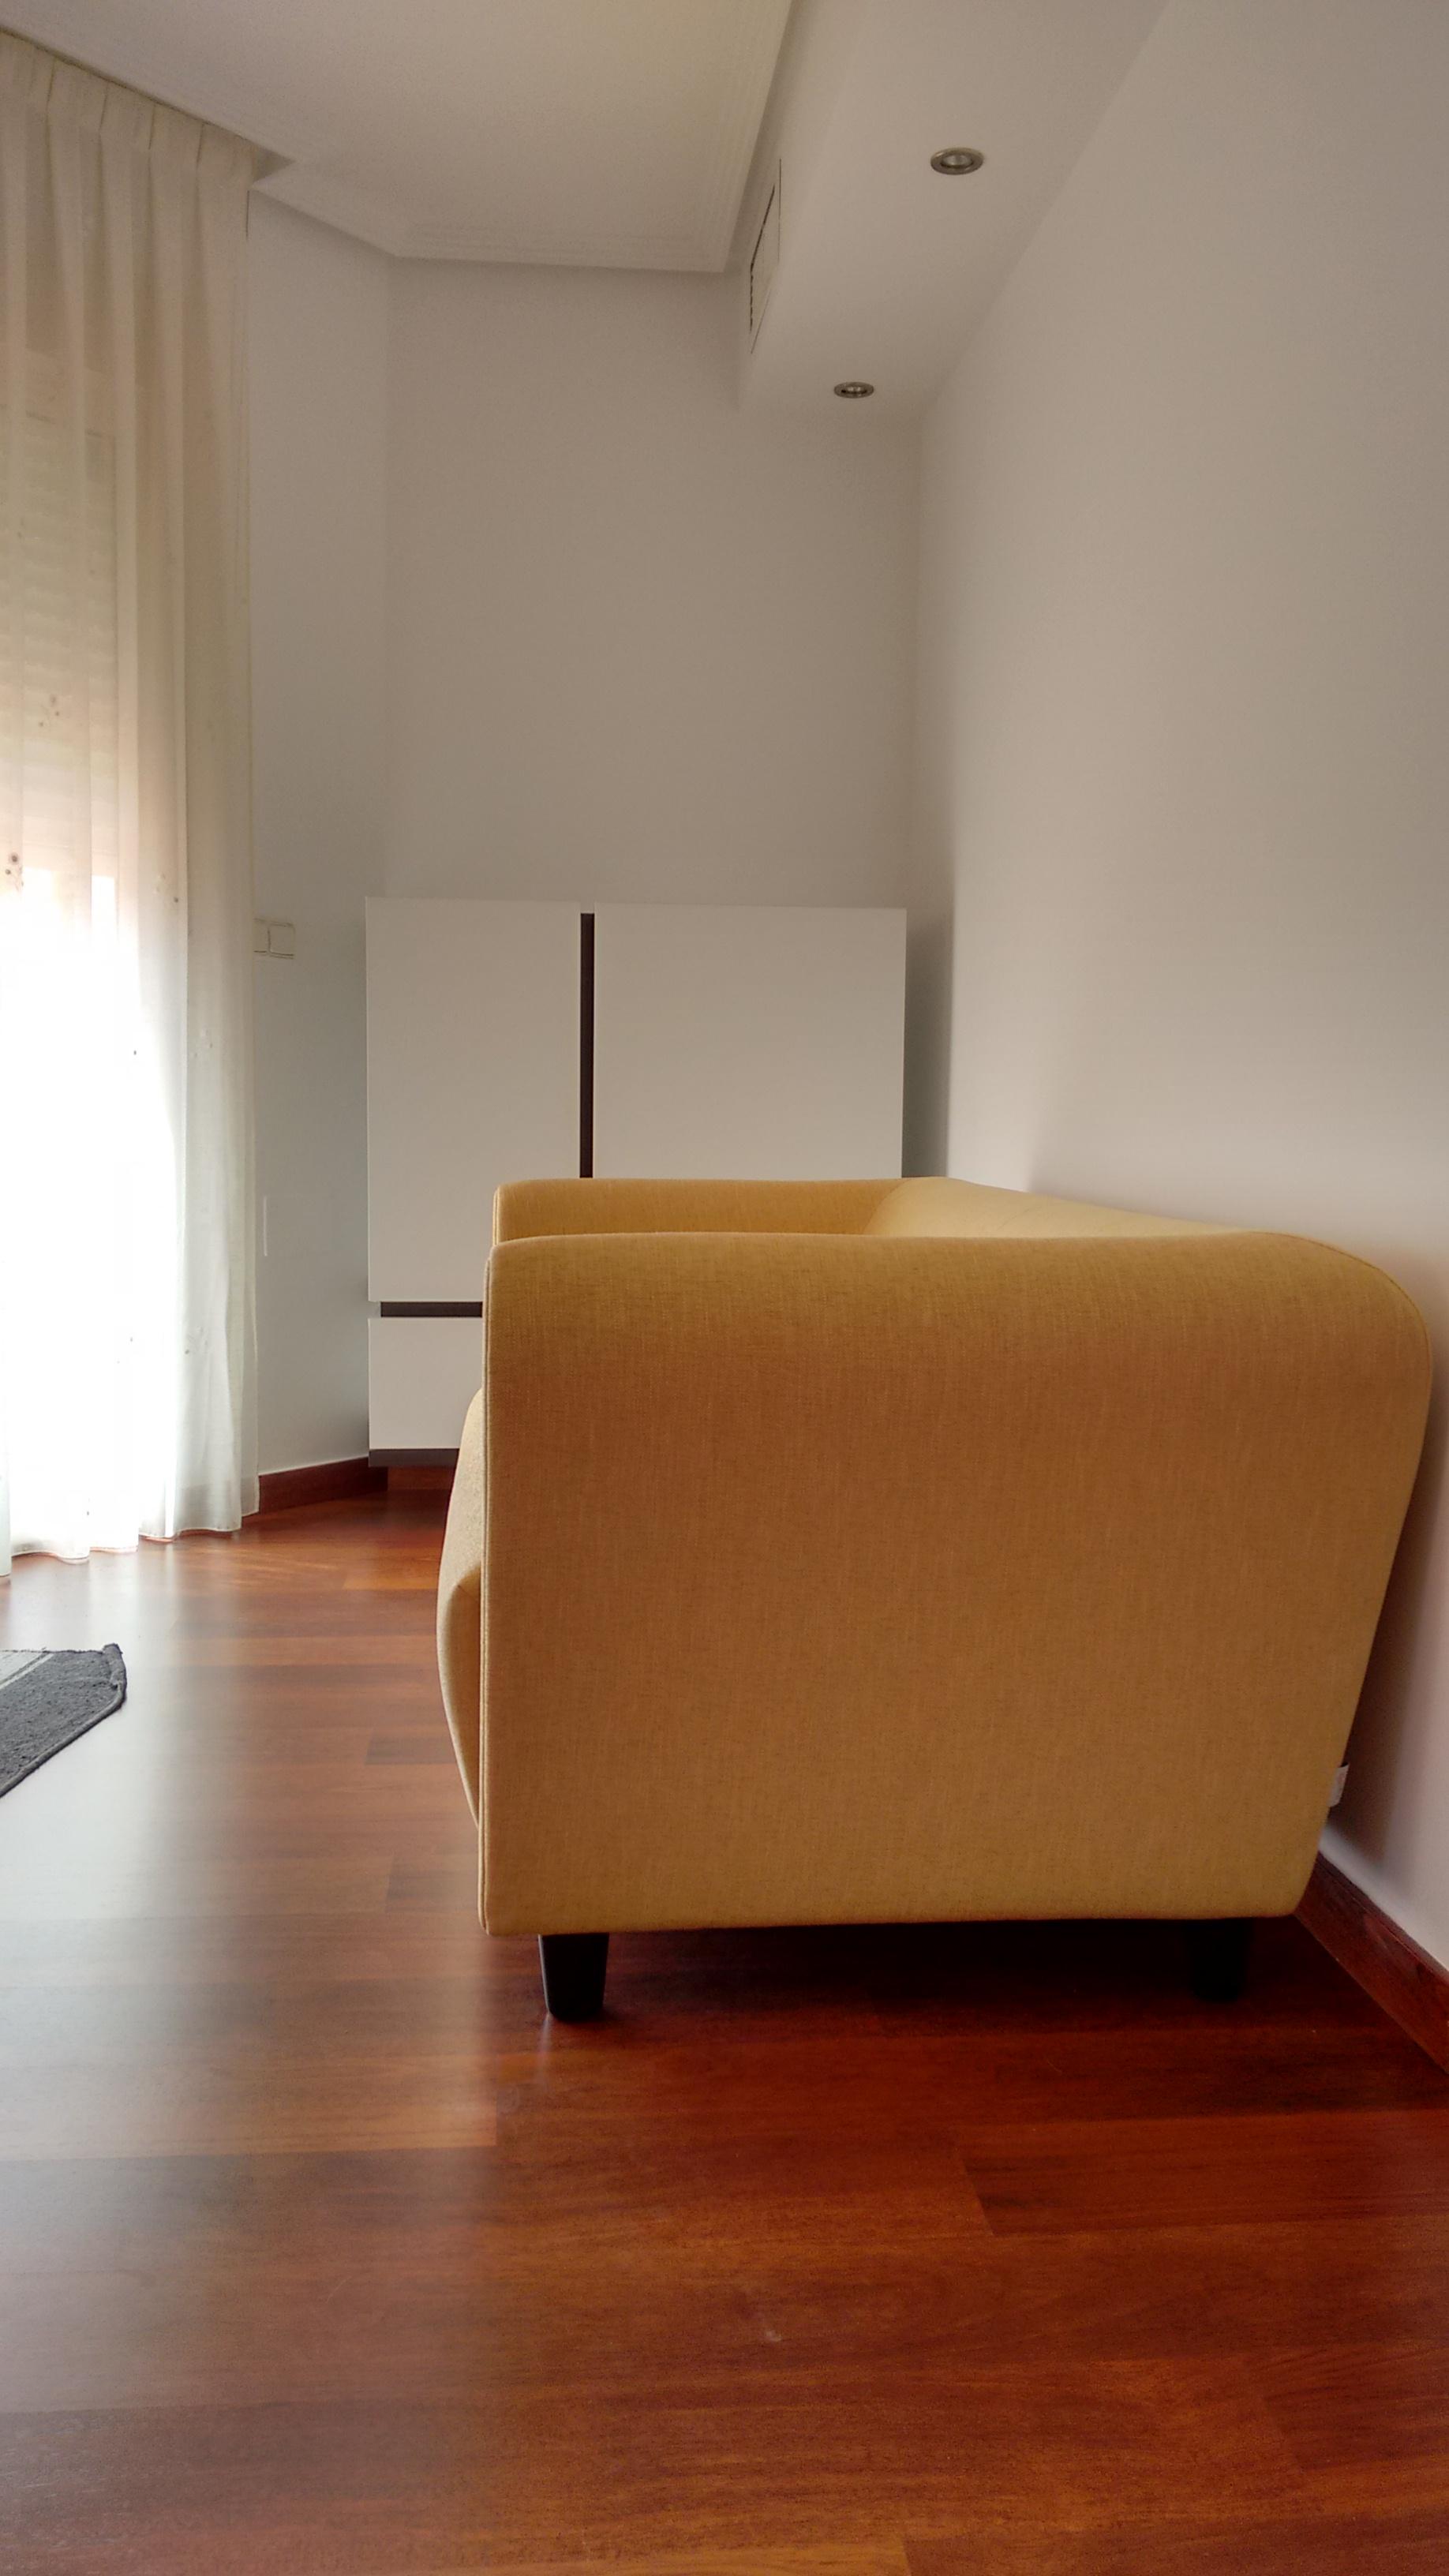 Muebles y sofás modernos en Murcia y Alicante.